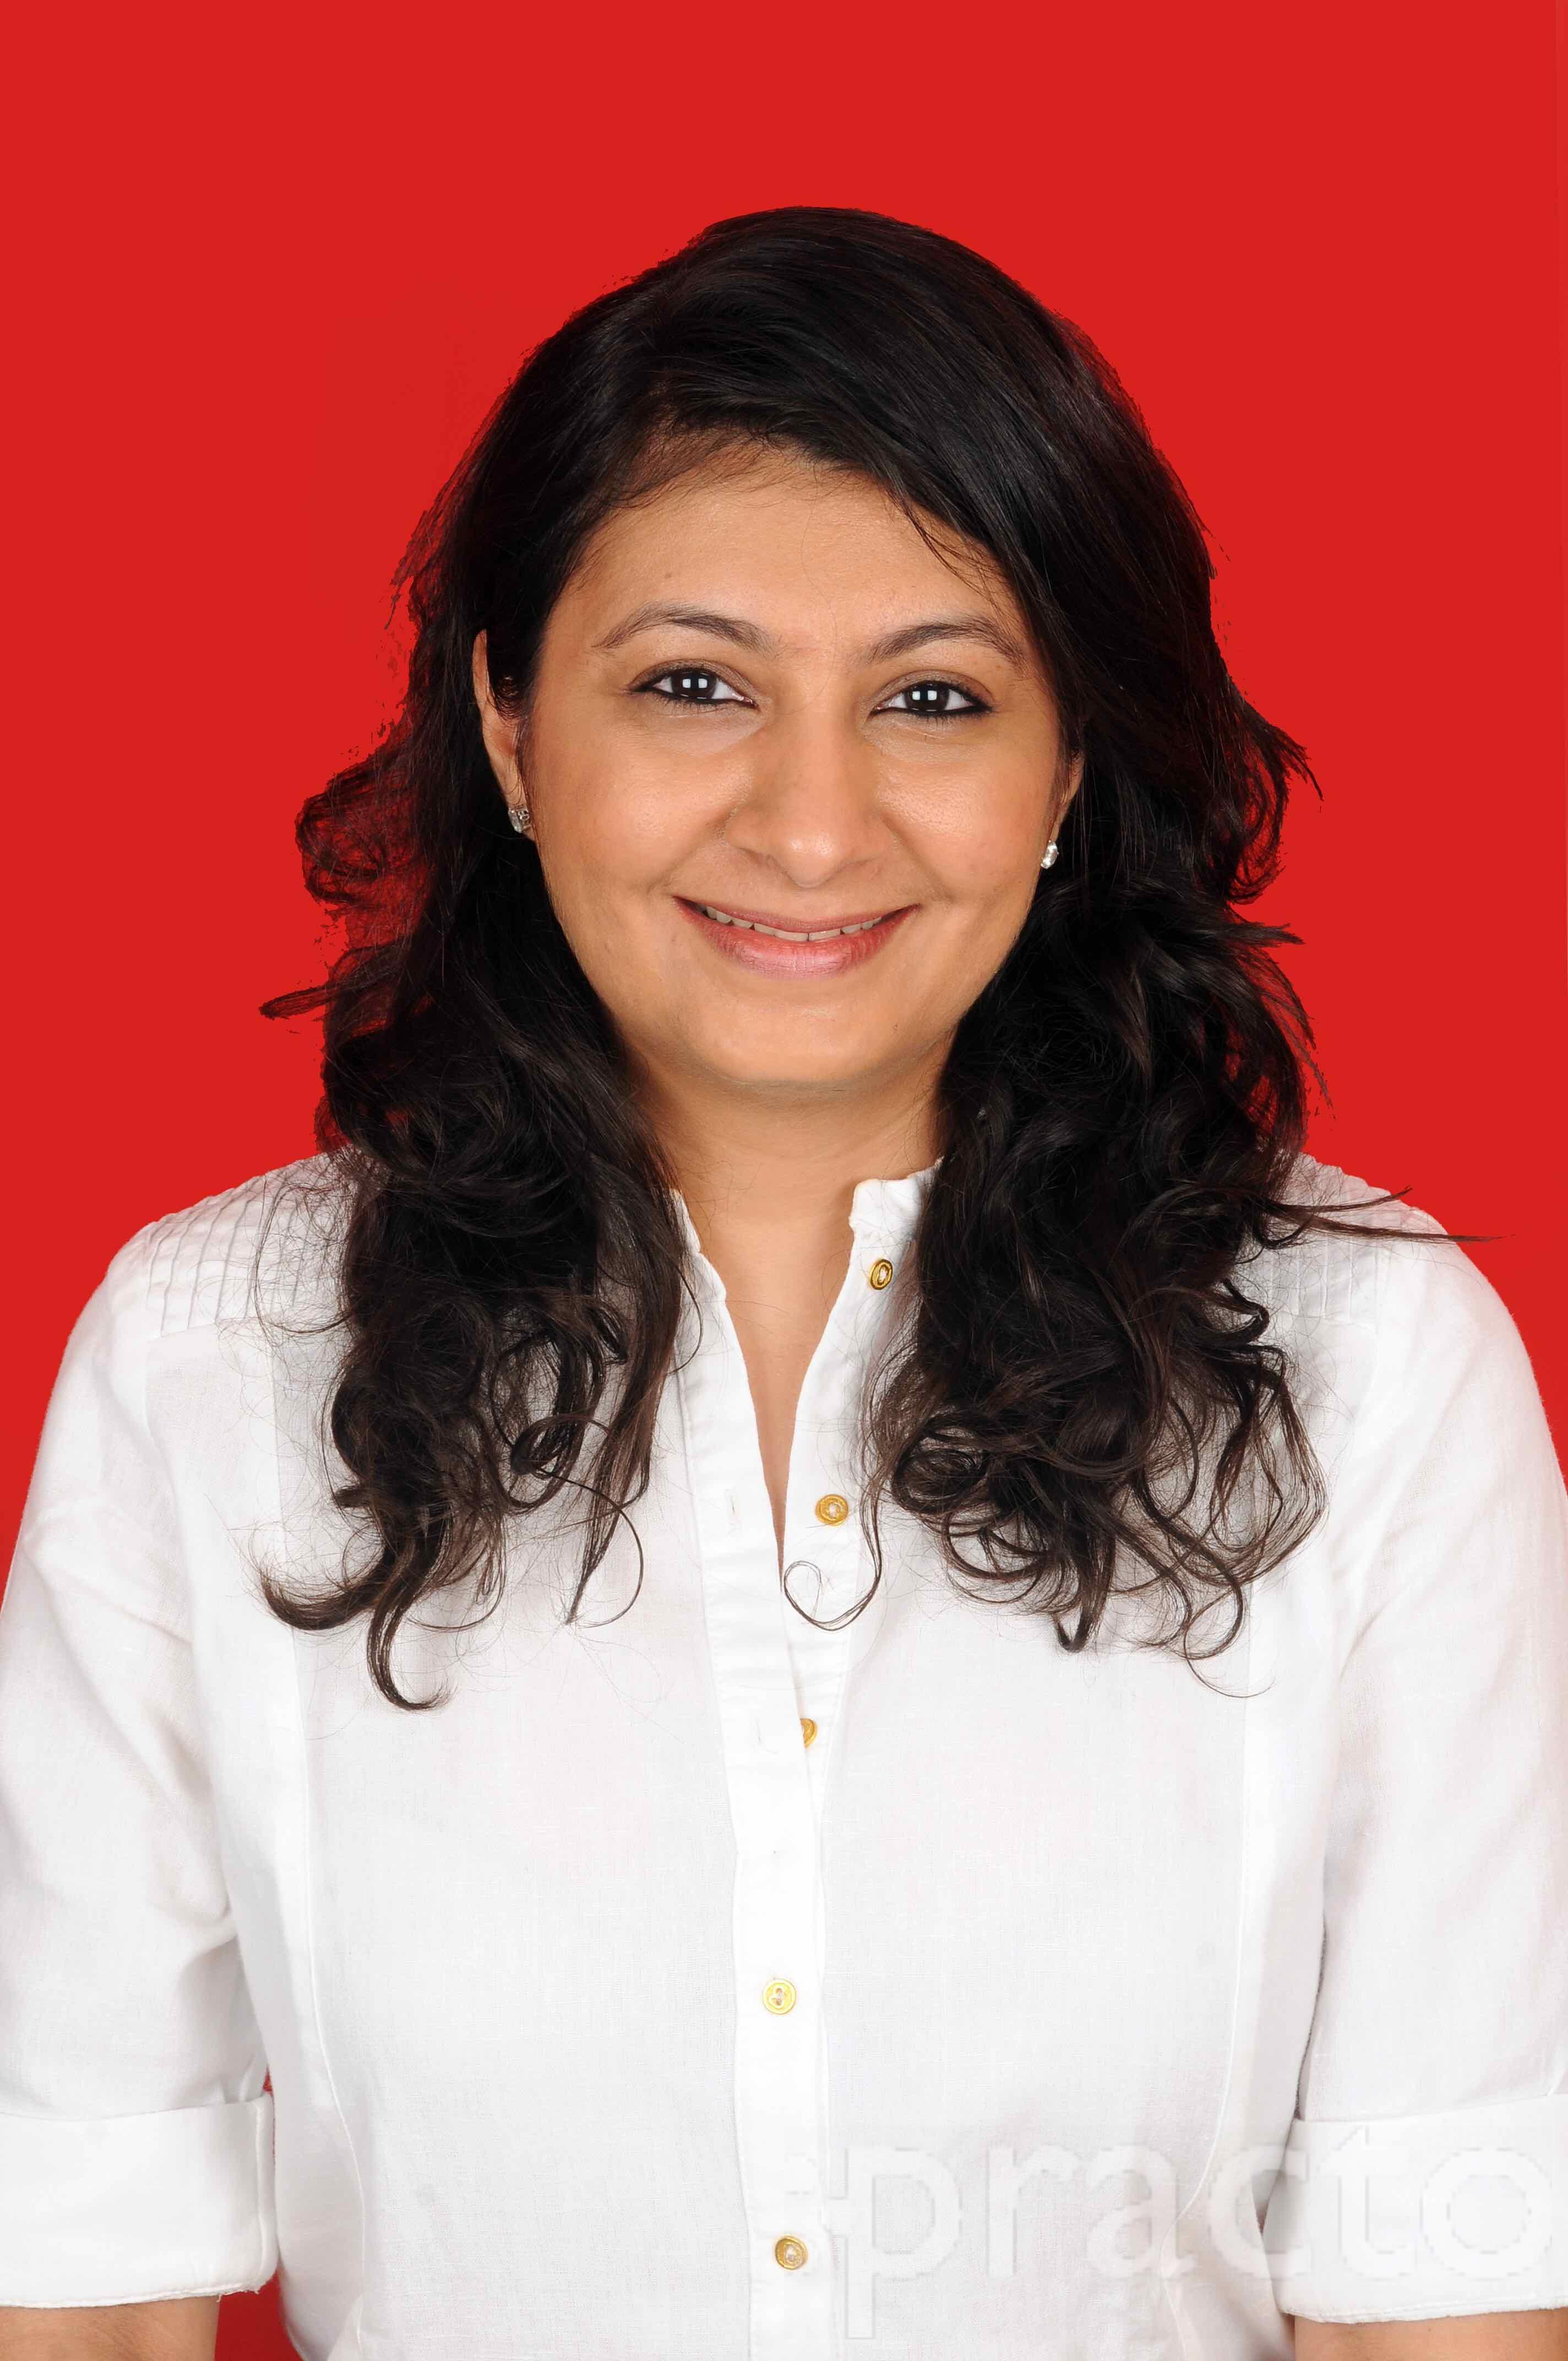 Dr. Apeksha Anand - Dentist